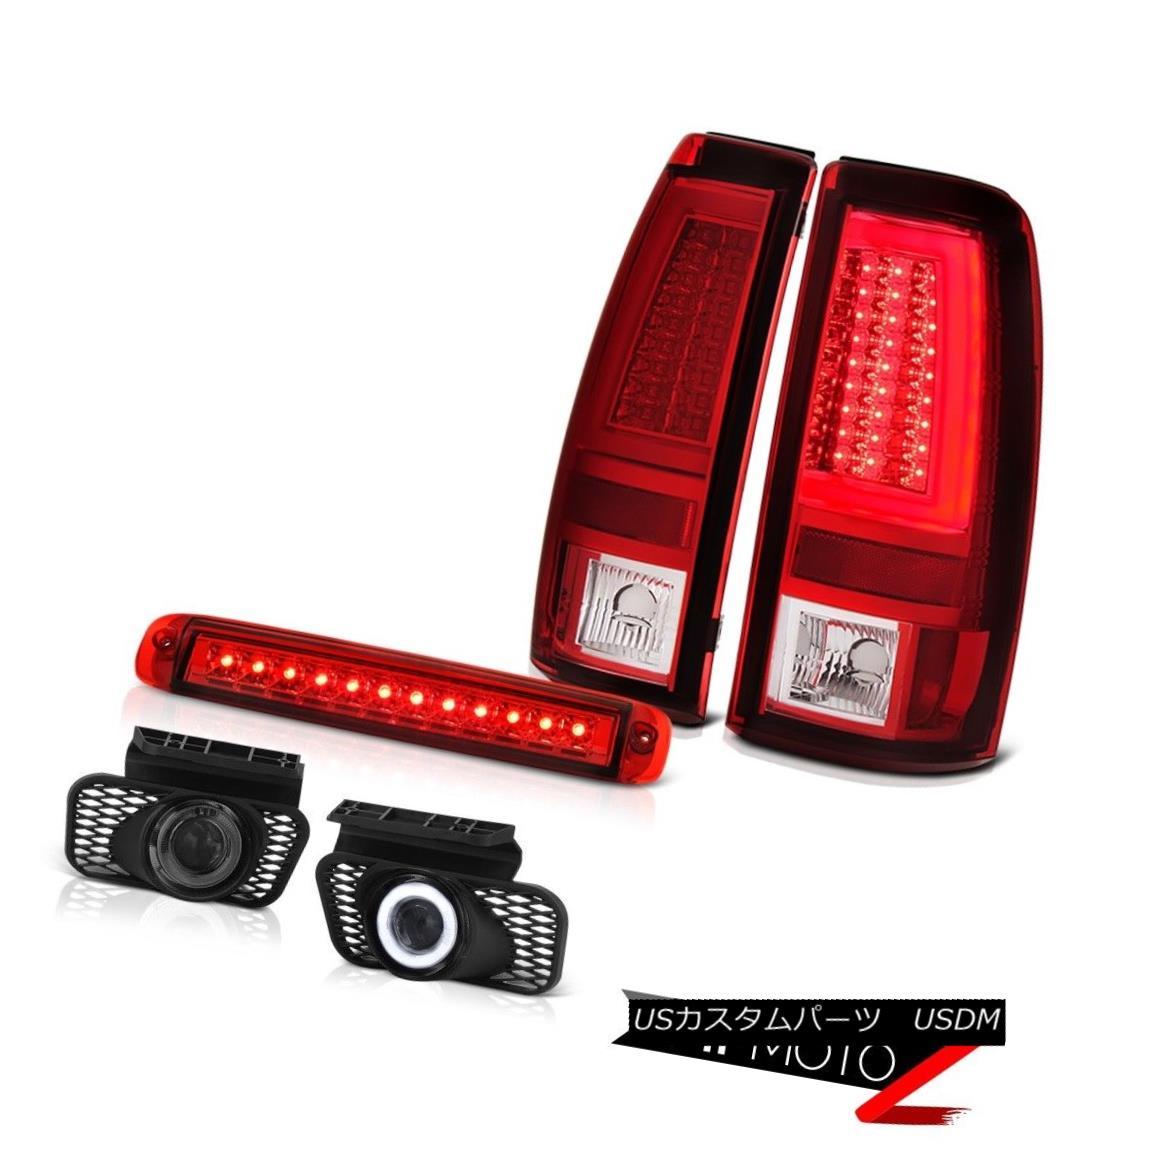 テールライト 03-06 Silverado 1500 Bloody Red Taillamps 3RD Brake Light Fog Lamps Tron Tube 03-06 Silverado 1500 Bloody Red Taillamps 3RDブレーキライトフォグランプTron Tube